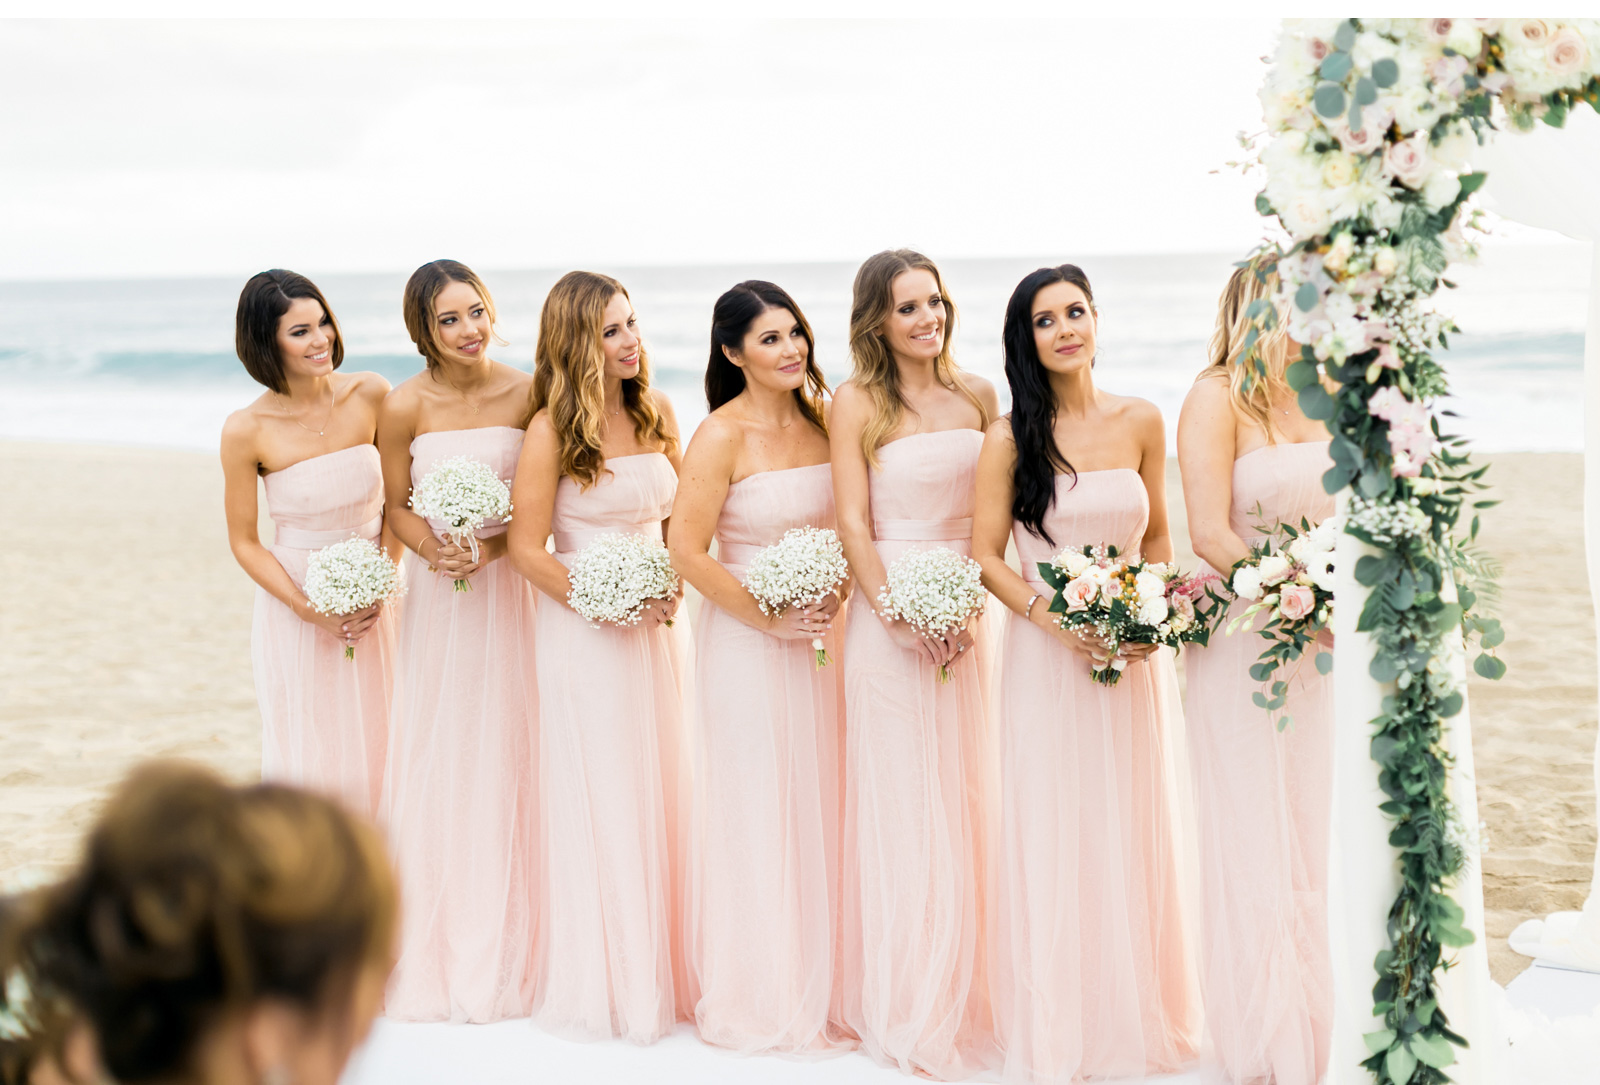 Southern-California-Fine-Art-Wedding-Photographer-Natalie-Schutt-Photography_08.jpg